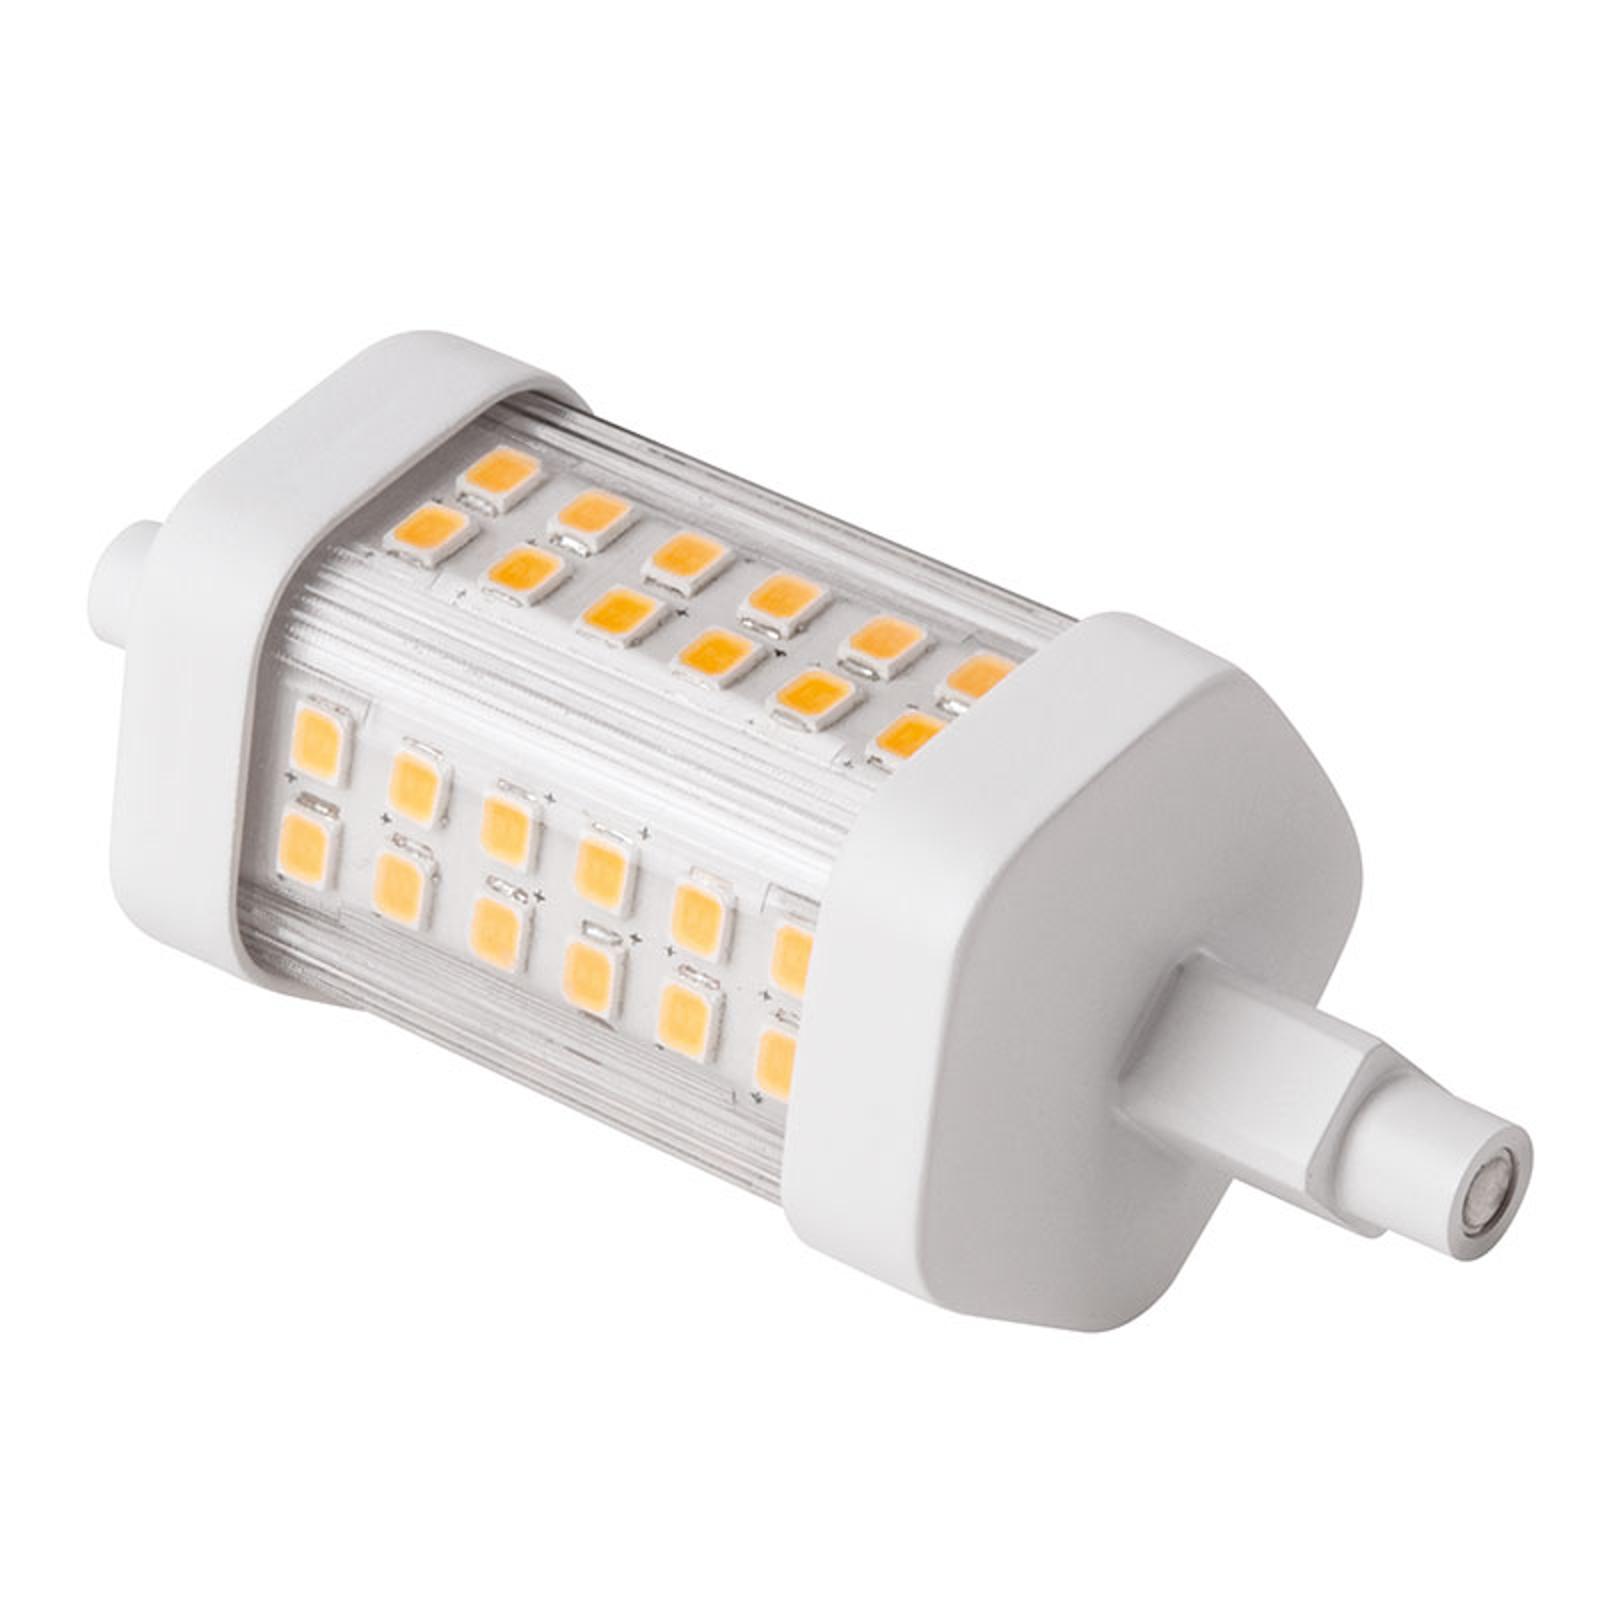 LED-putkilamppu R7s 78 mm 8 W lämmin valkoinen